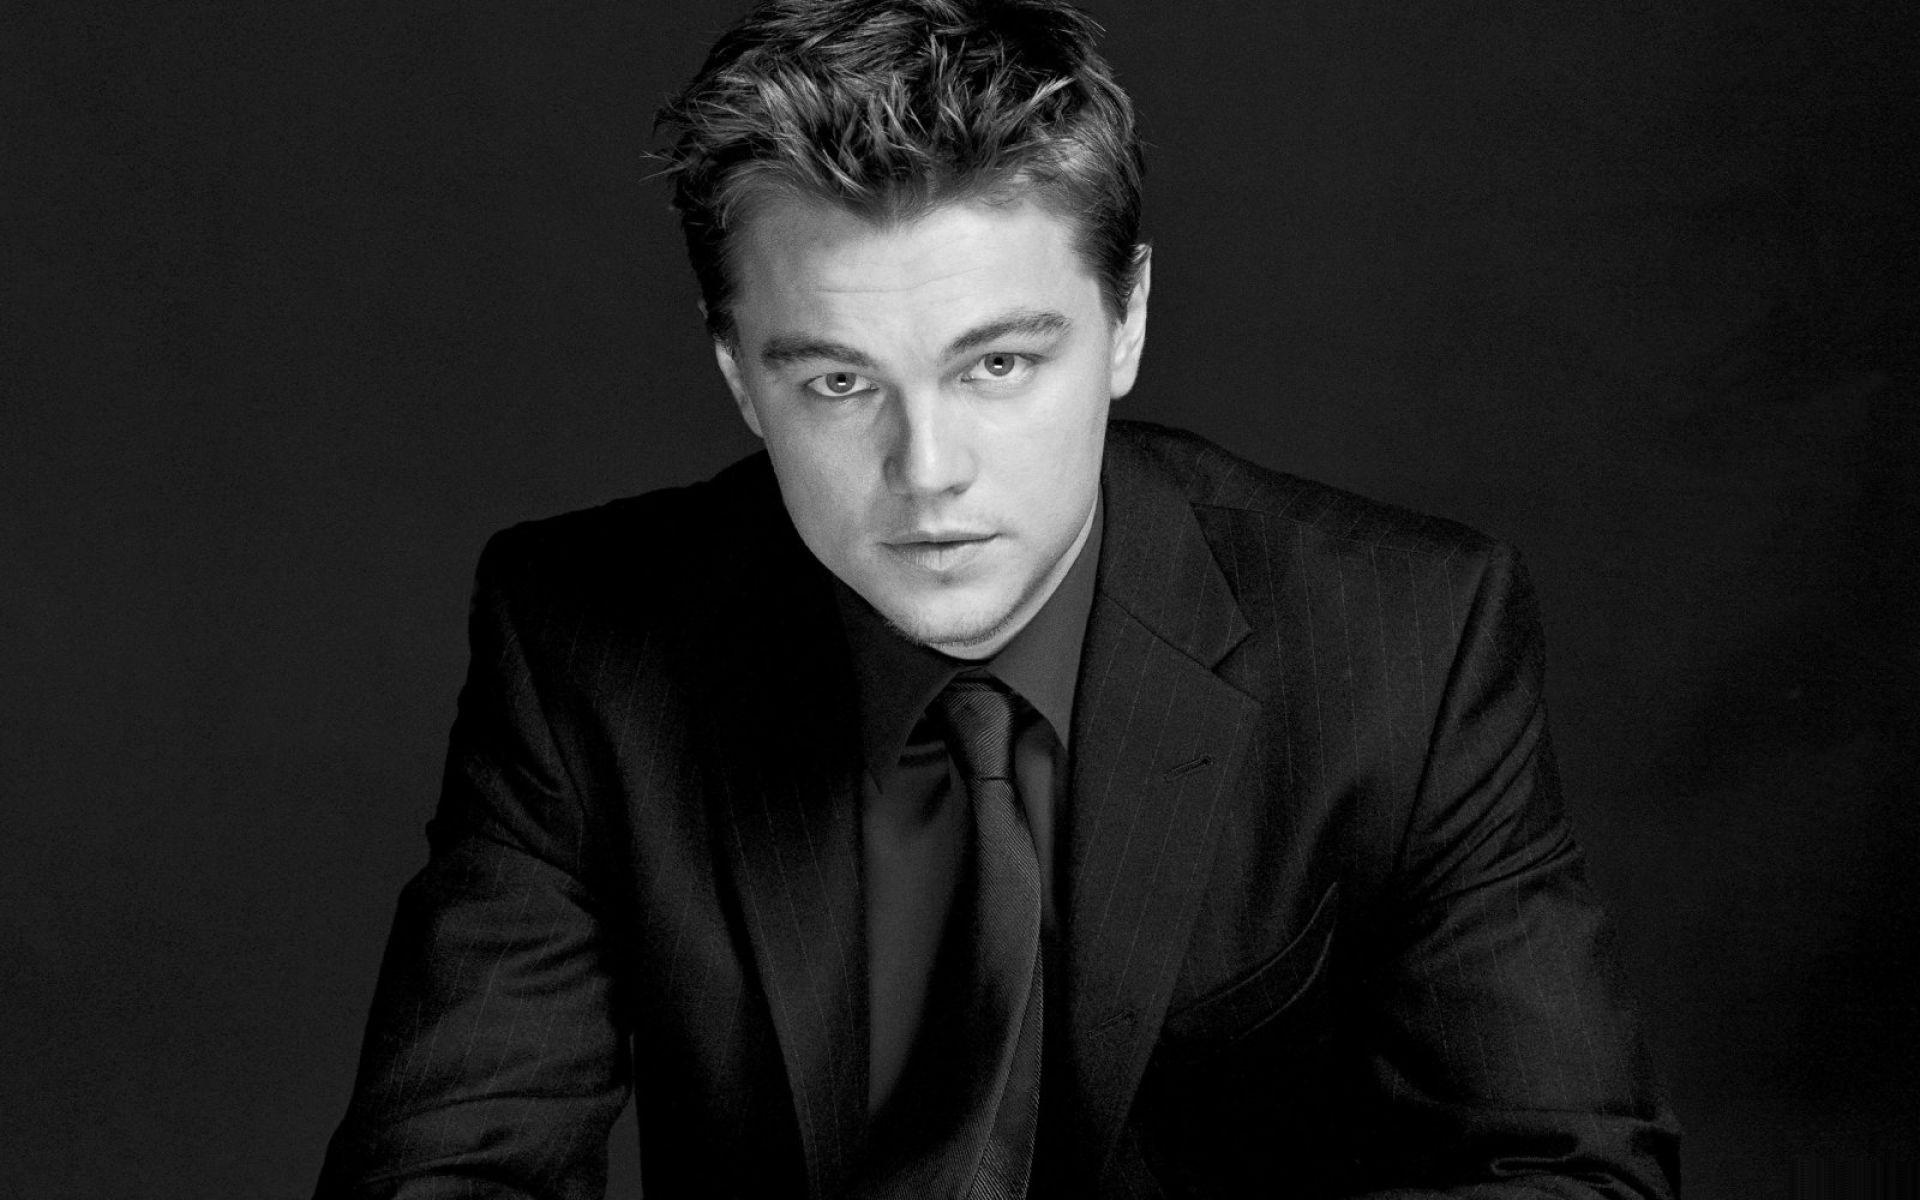 Hồ sơ nhân vật - Tiểu sử diễn viên Leonardo DiCaprio - anh chua dat ten 3310 -